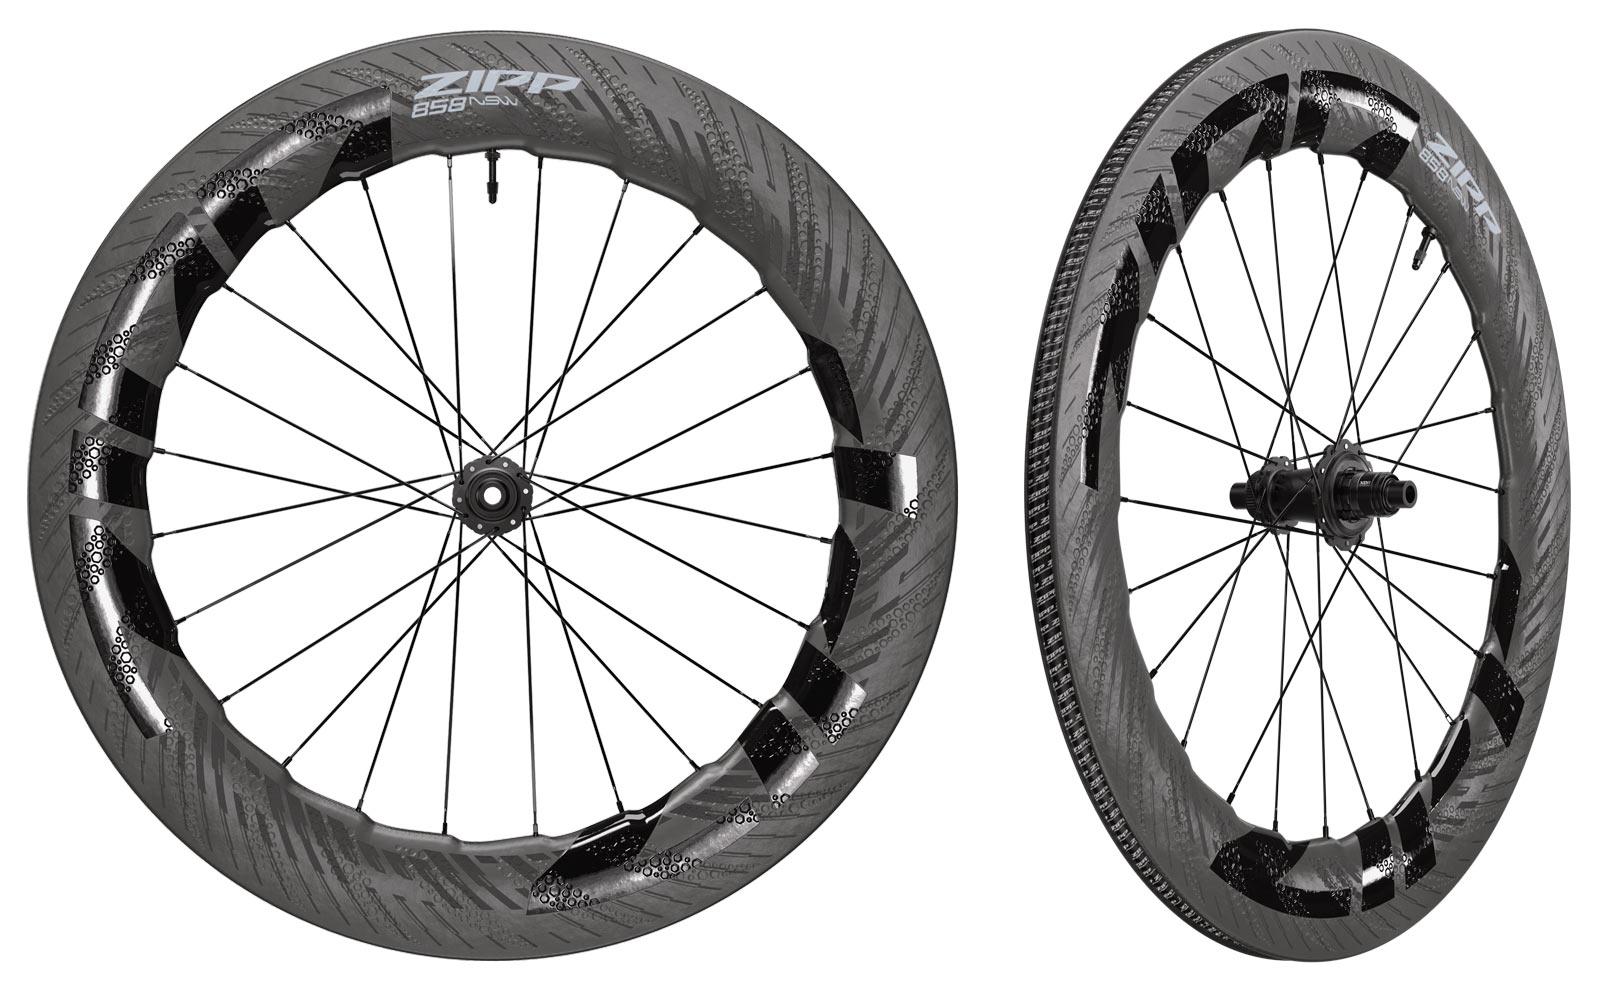 2022 zipp 858 NSW tubeless disc brake road bike wheels